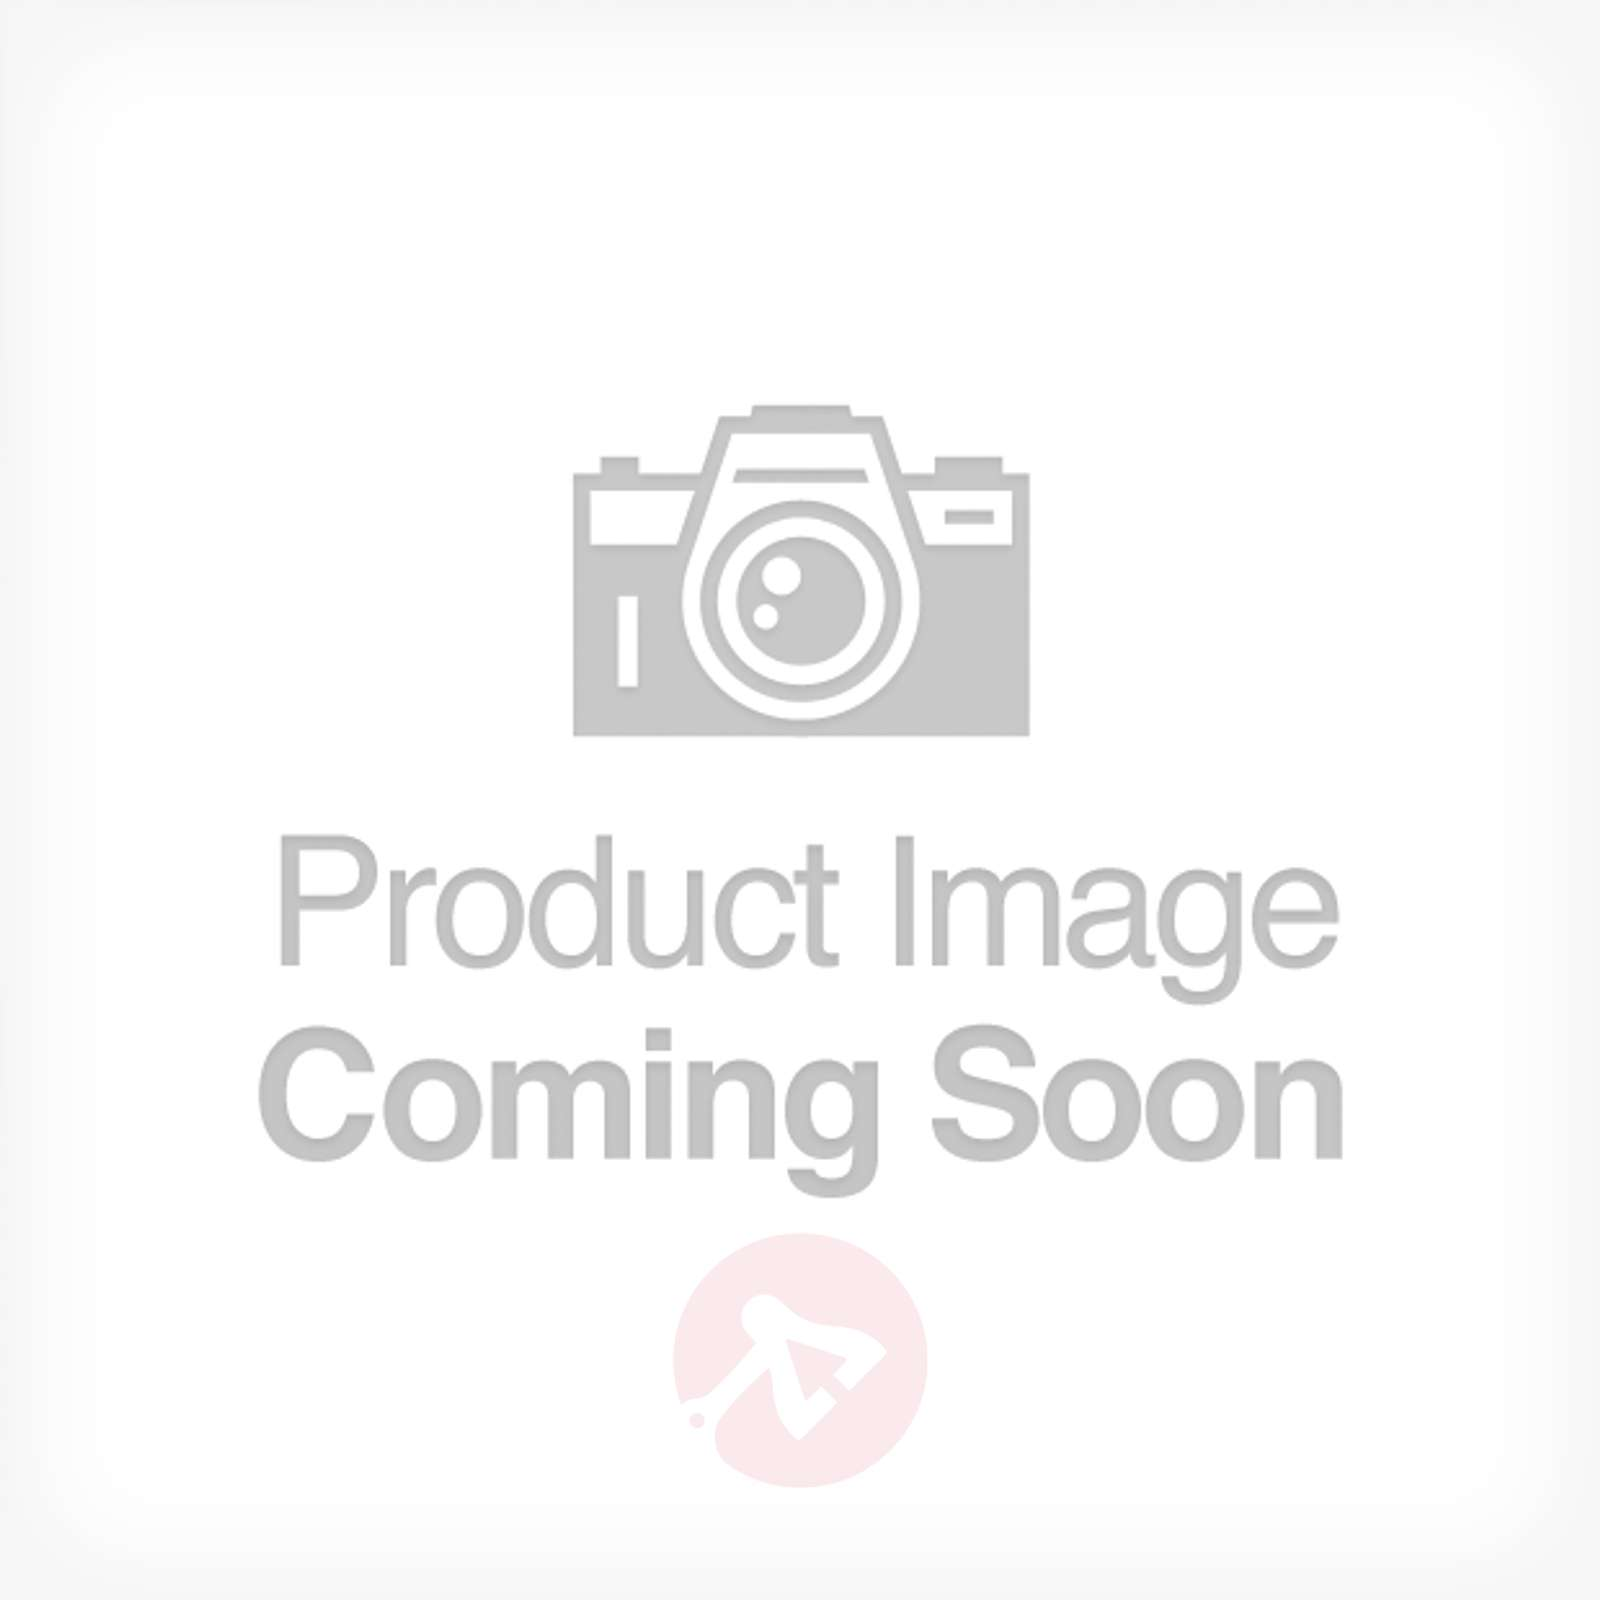 Moderni taulu-seinävalaisin TEETOO 550, 12V-1020251X-04